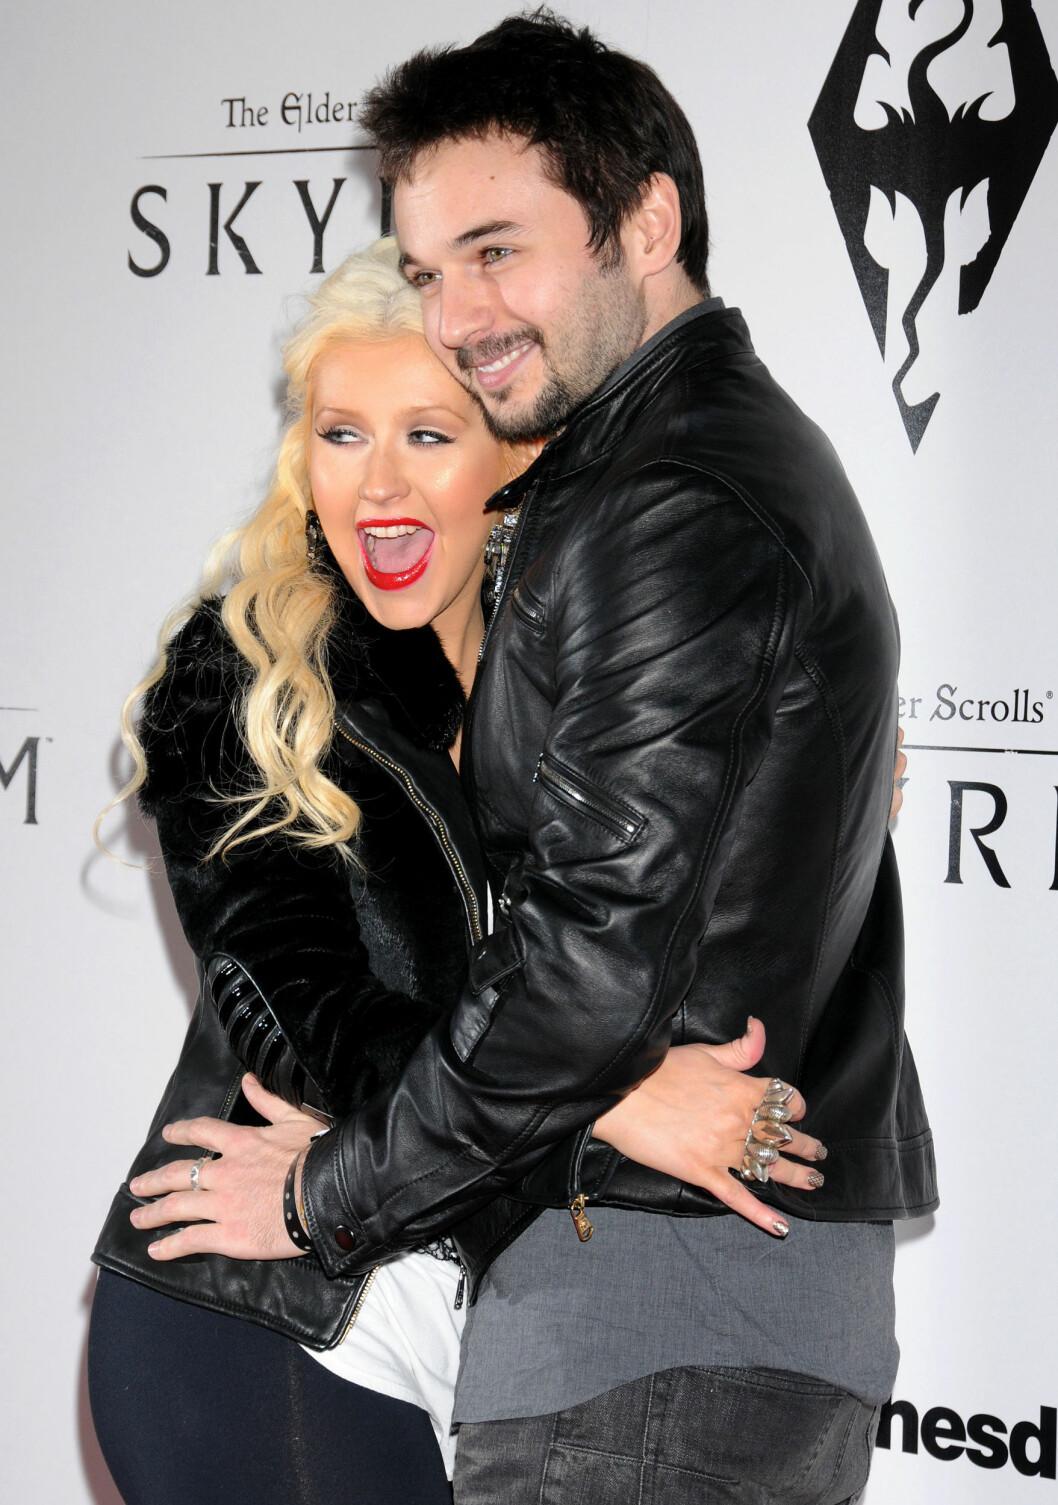 ÅPNET DØRENE: Christina Aguilera og Matt Rutler inviterte over 400 mennesker for å vise sin støtte til Hillary Clinton, men popstjernen skal ha endt opp med å stjele mye av oppmerksomheten selv. Foto: Stella Pictures